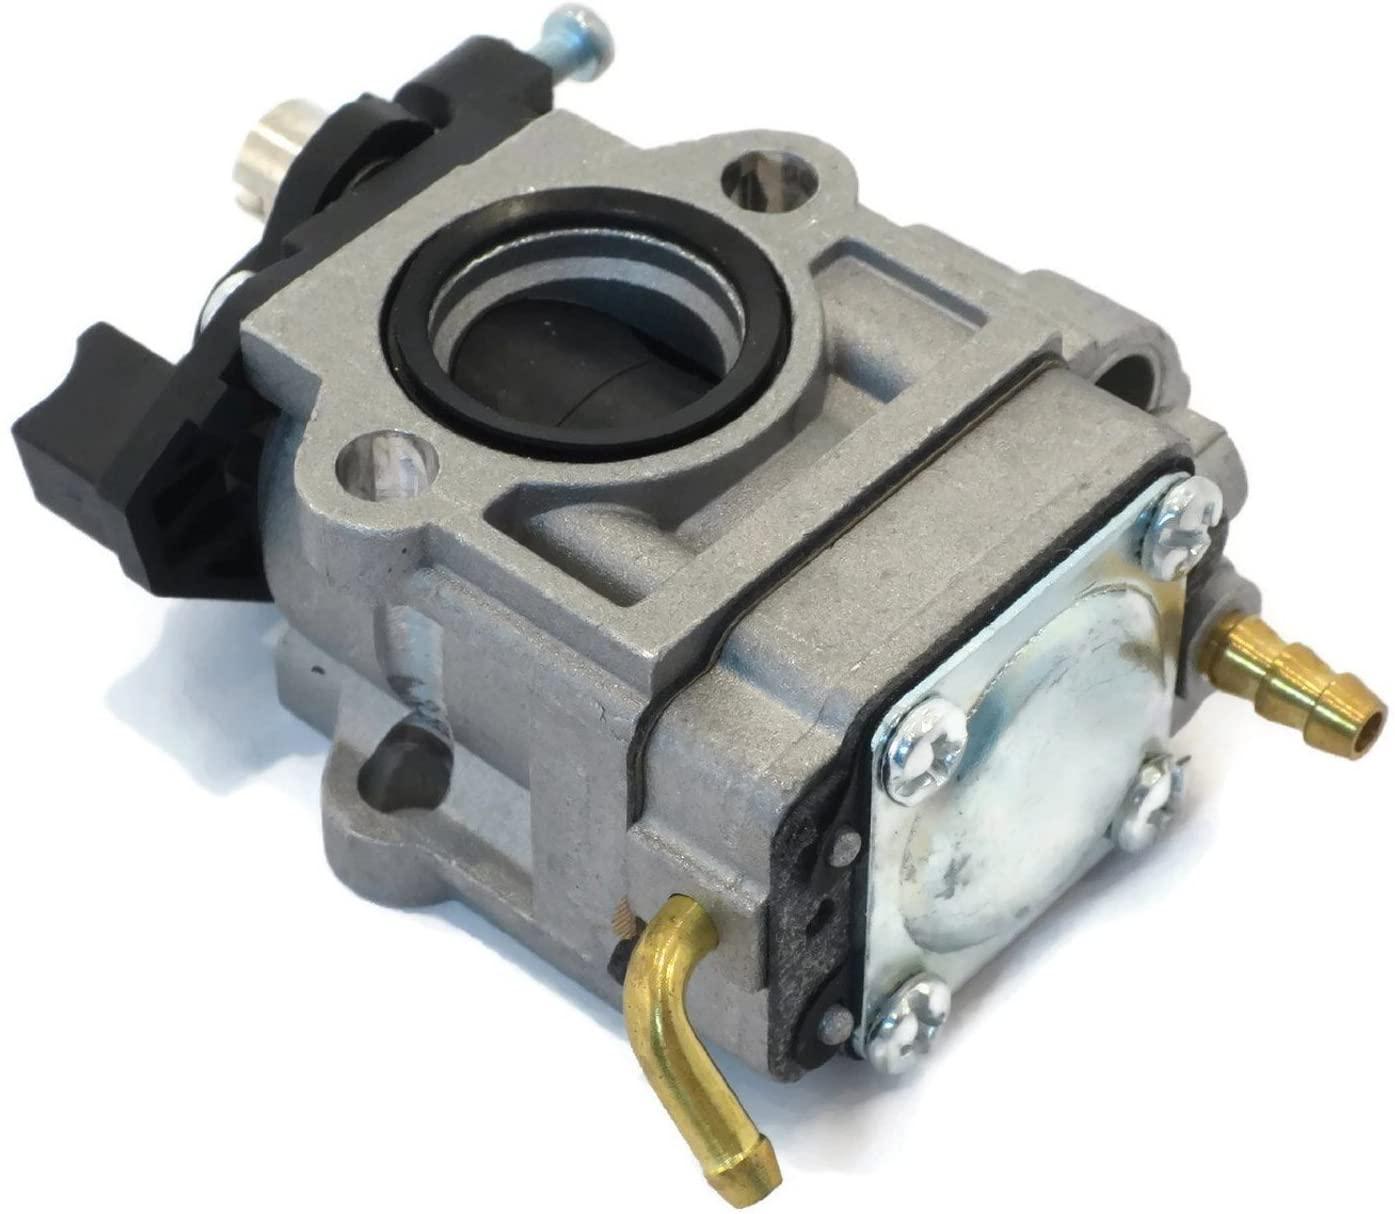 Walbro Carburetor WYK-406 fits Echo Backpack Blower P30613001001 - P30613999999